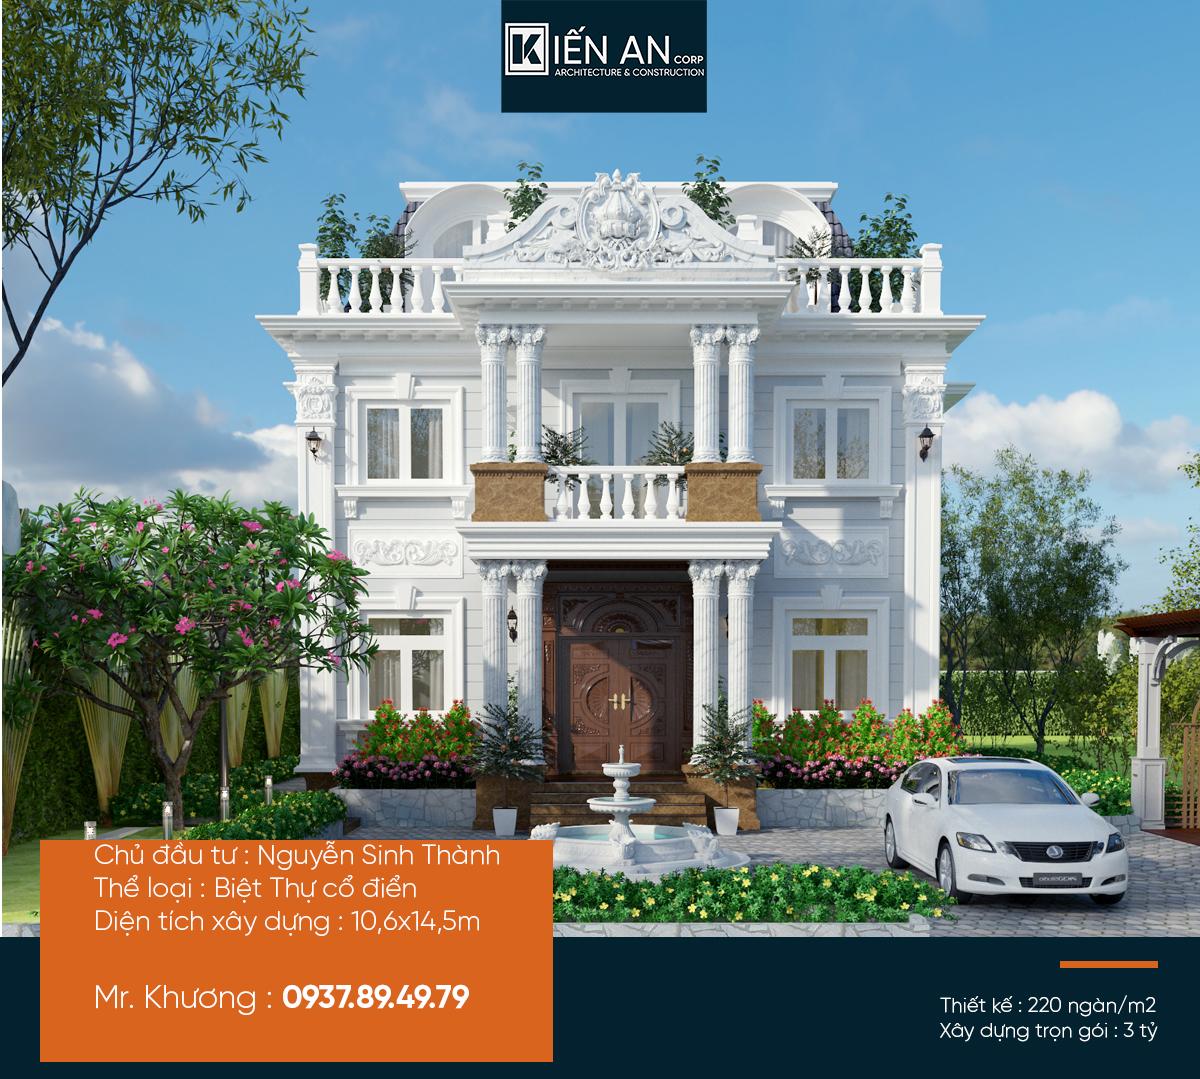 Biệt thự cổ điển 3 tầng – Mẫu thiết kế biệt thự đơn lập nguy nga tráng lệ